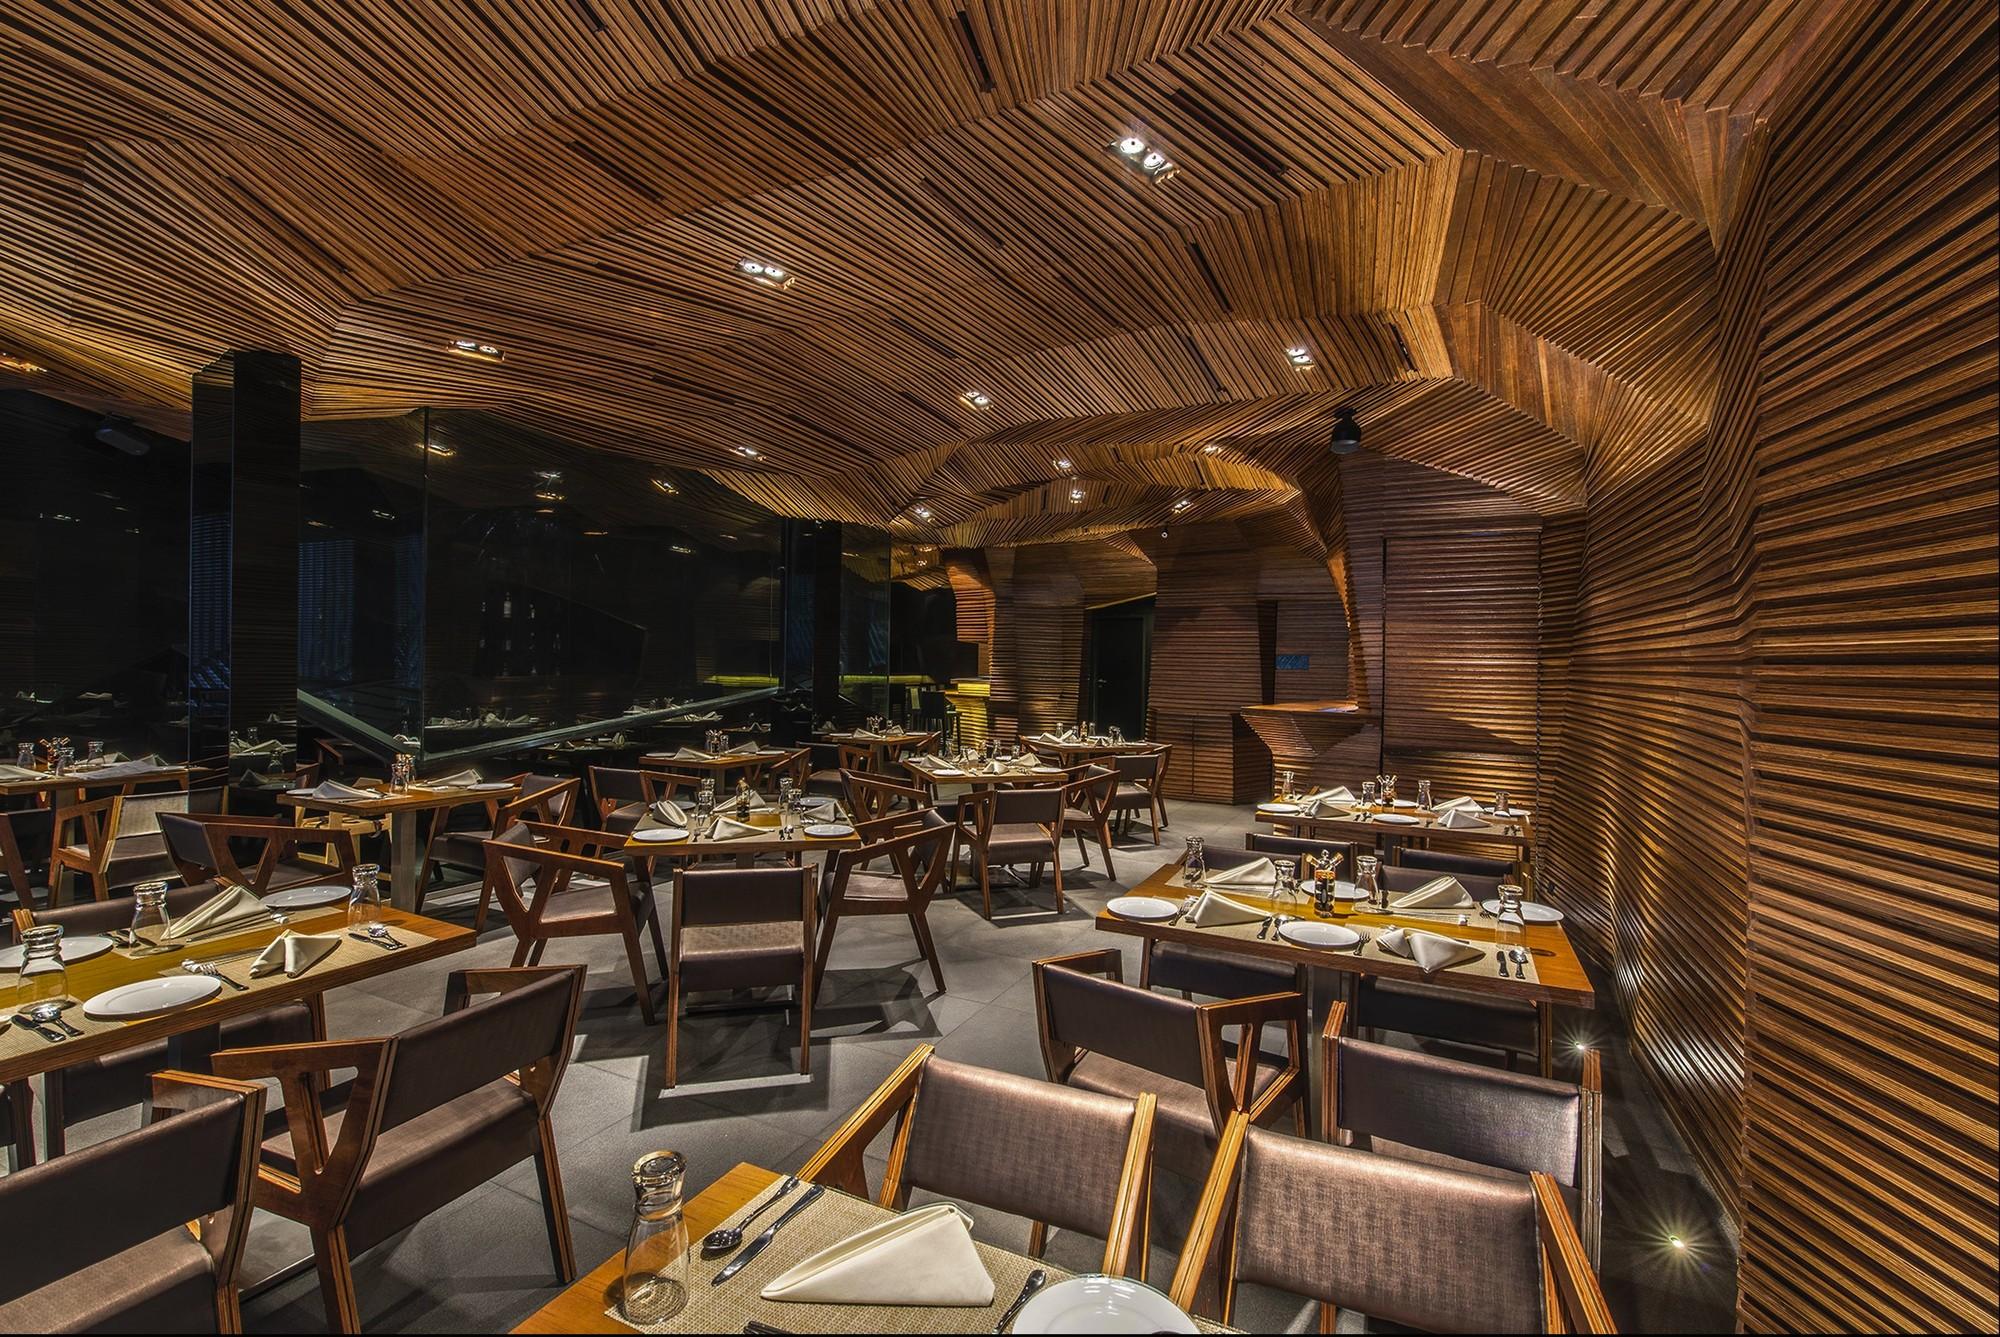 Auriga Restaurant / Sanjay Puri, © Vinesh Gandhi